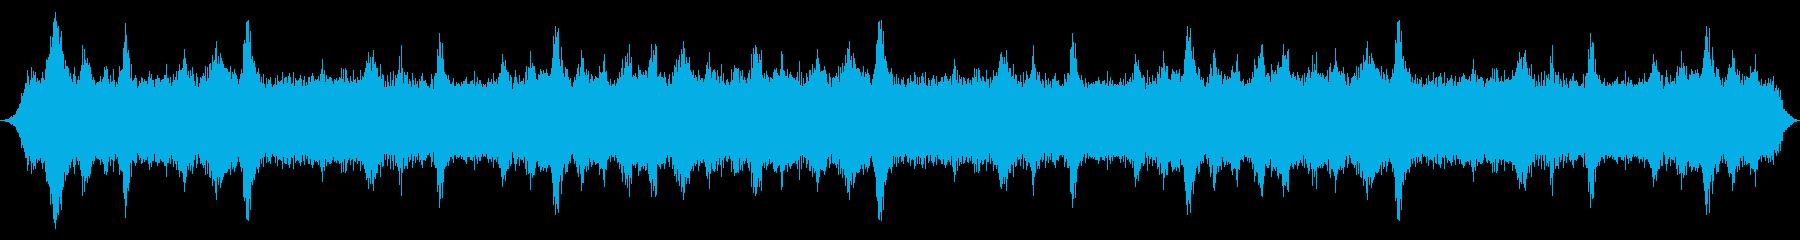 中風:柔らかい口Wで吹く突風の再生済みの波形